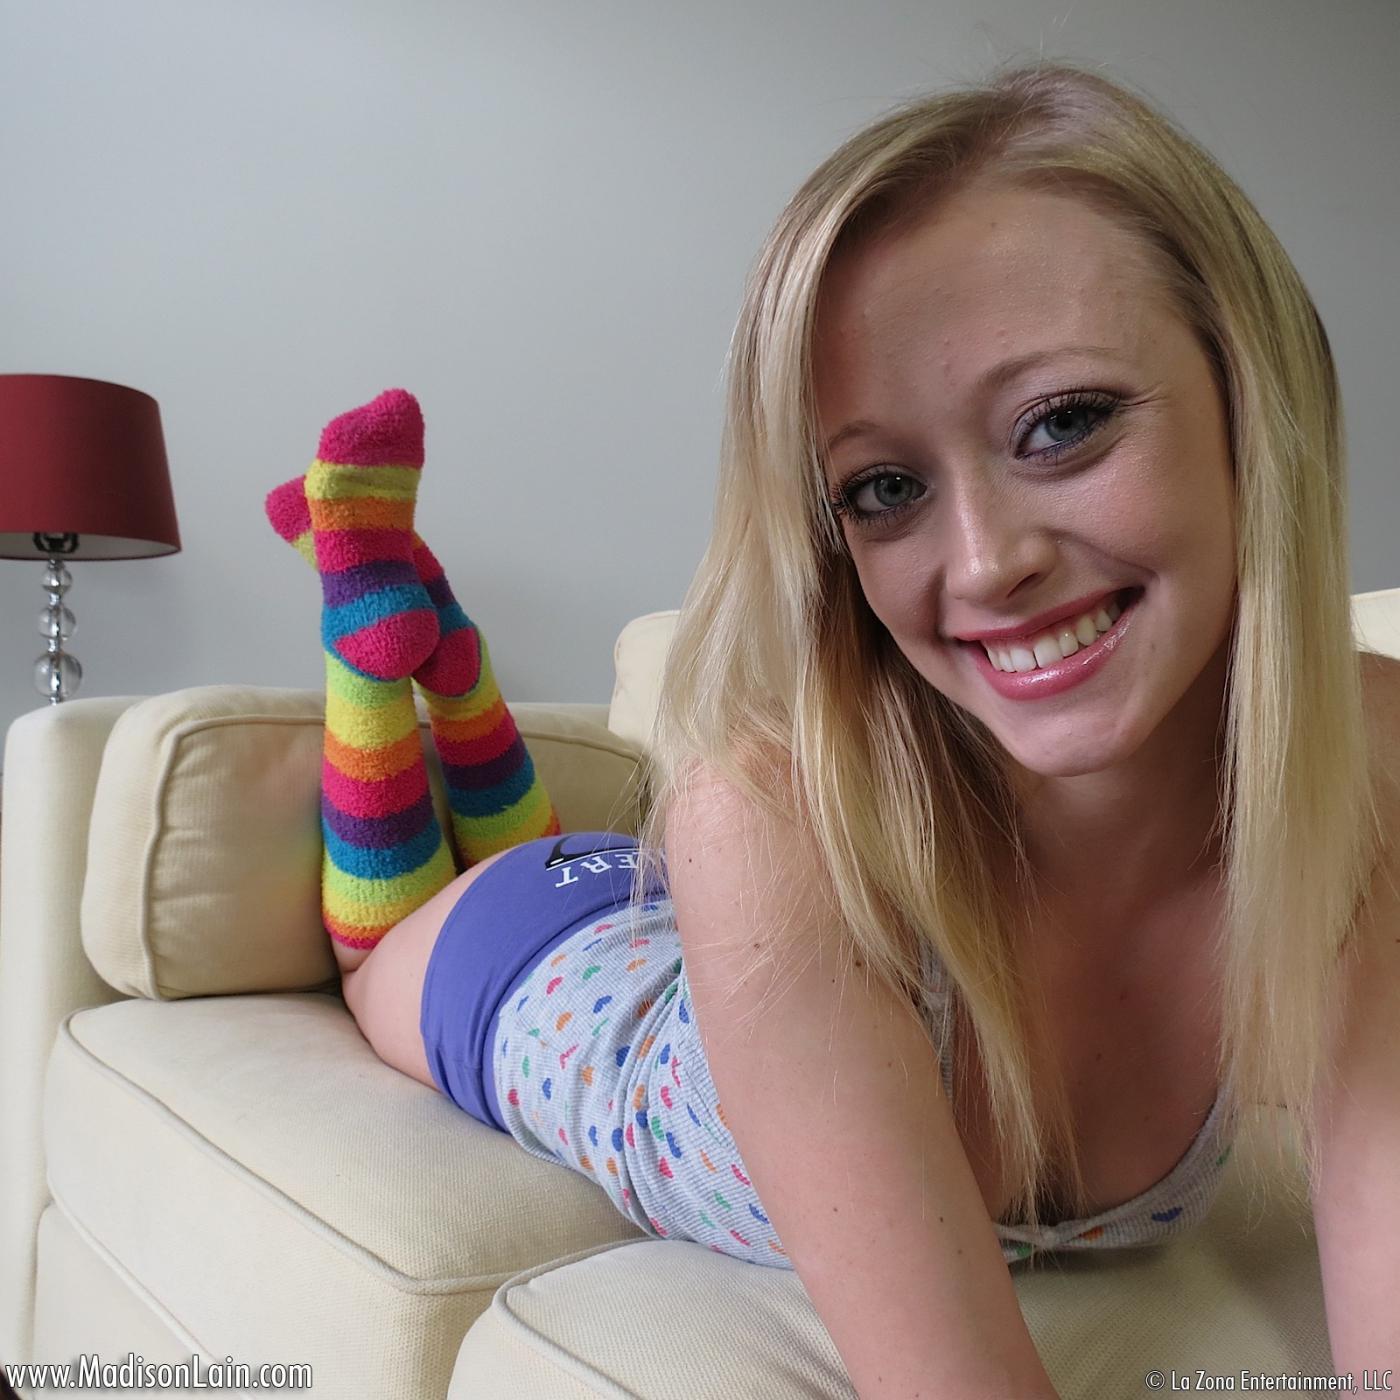 Неимоверно миленькая и игривая светловолосая девушка Madison Lain в полосатых гетрах испытывает оргазм от большого вибратора